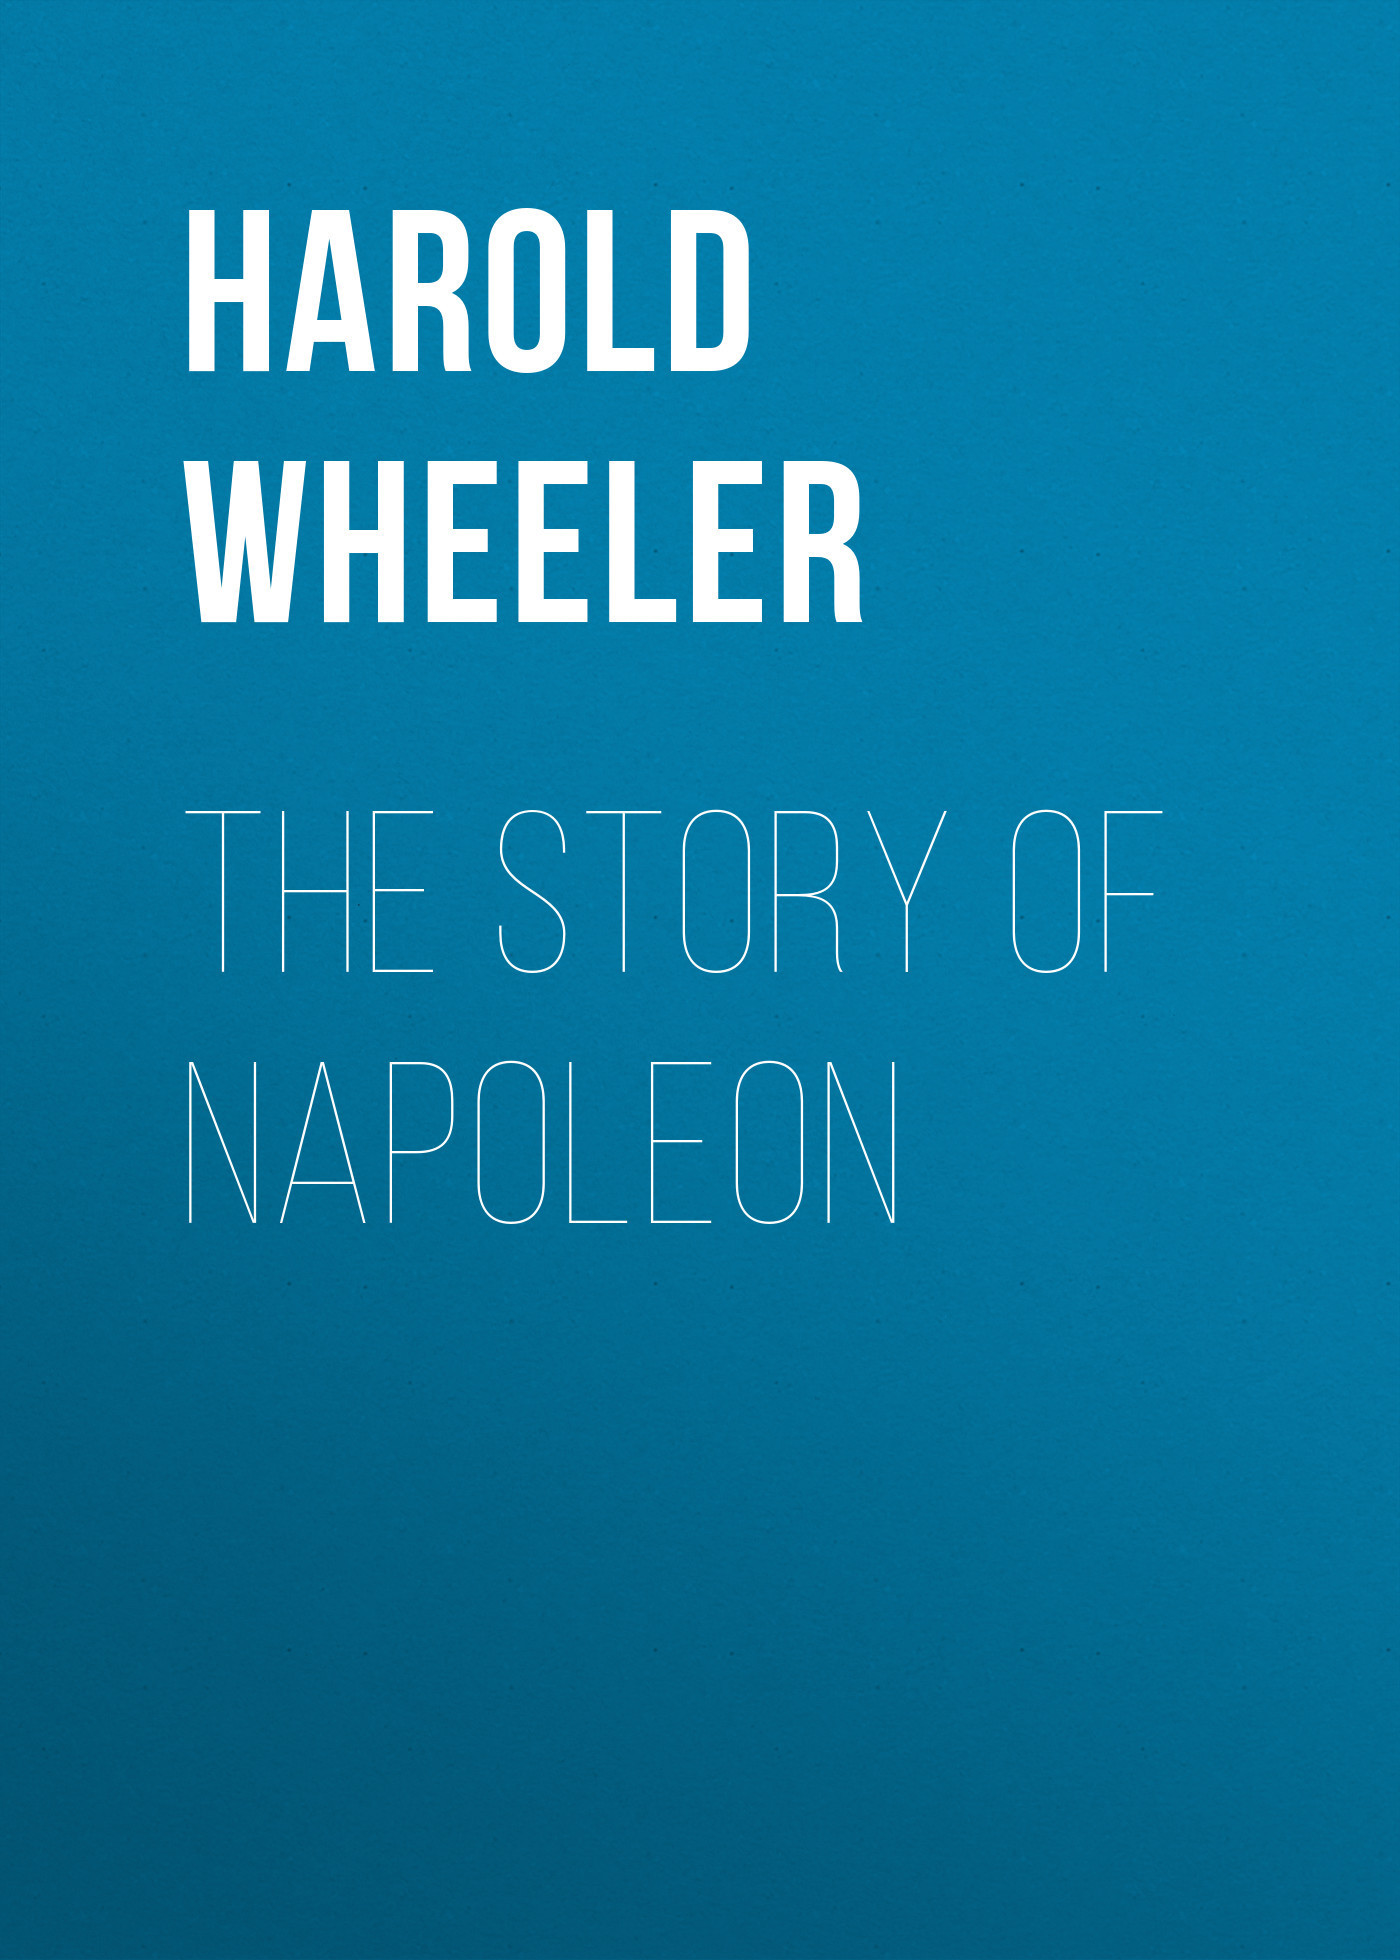 Harold Wheeler The Story of Napoleon harold wheeler the story of napoleon